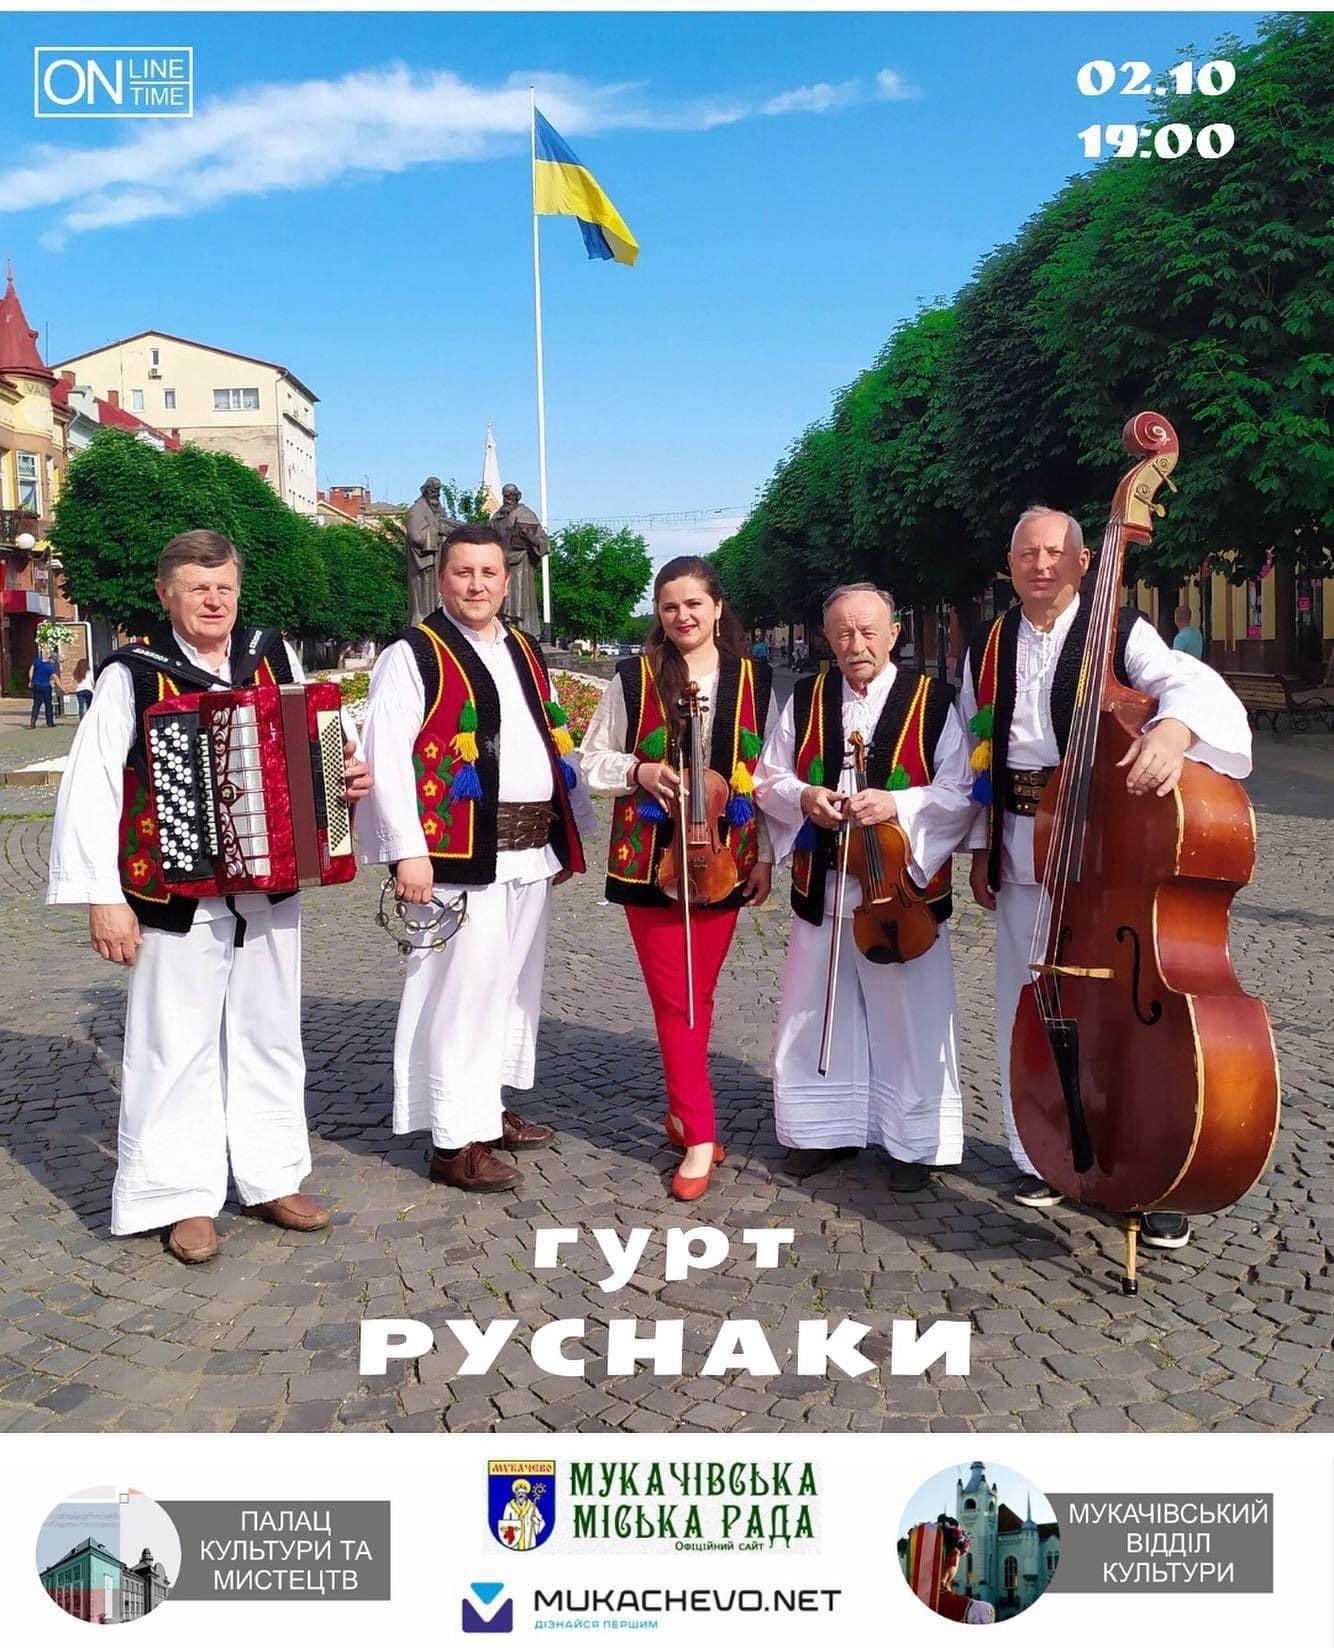 Палац культури і мистецтв запрошує на он-лайн концерт гурту «Руснаки»